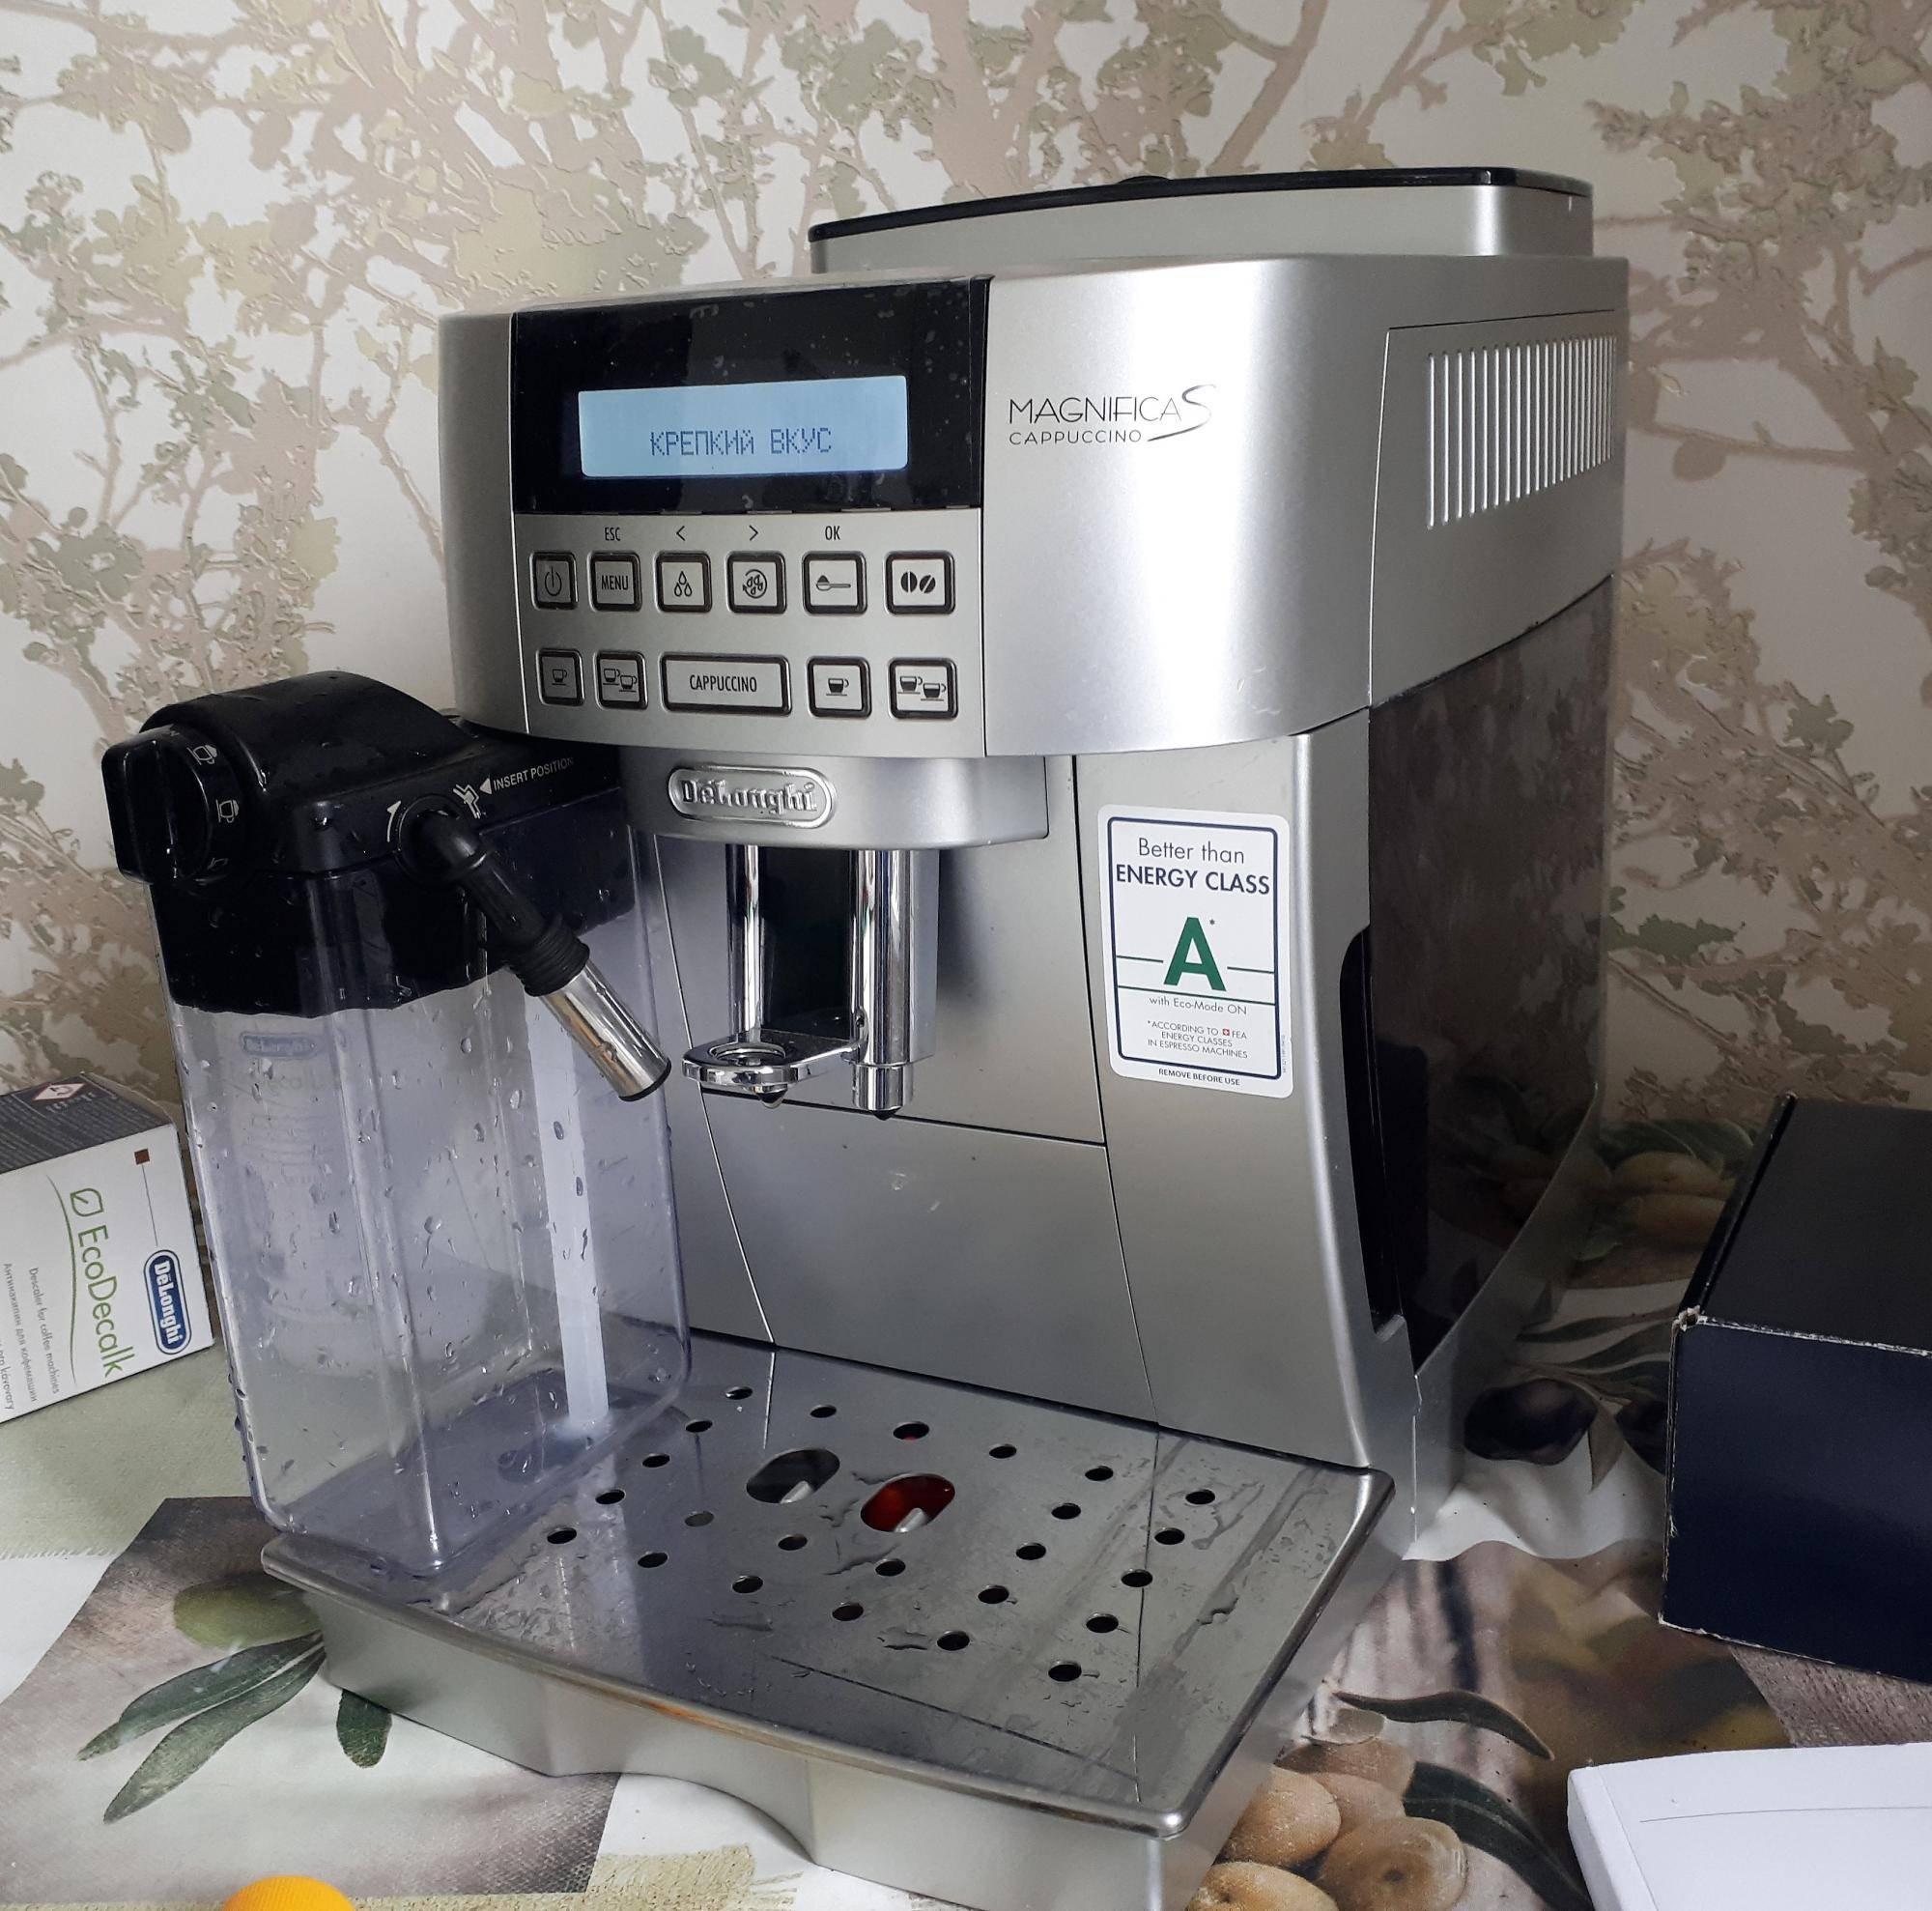 Средства от накипи для кофемашины: профессиональные составы и приготовление своими руками